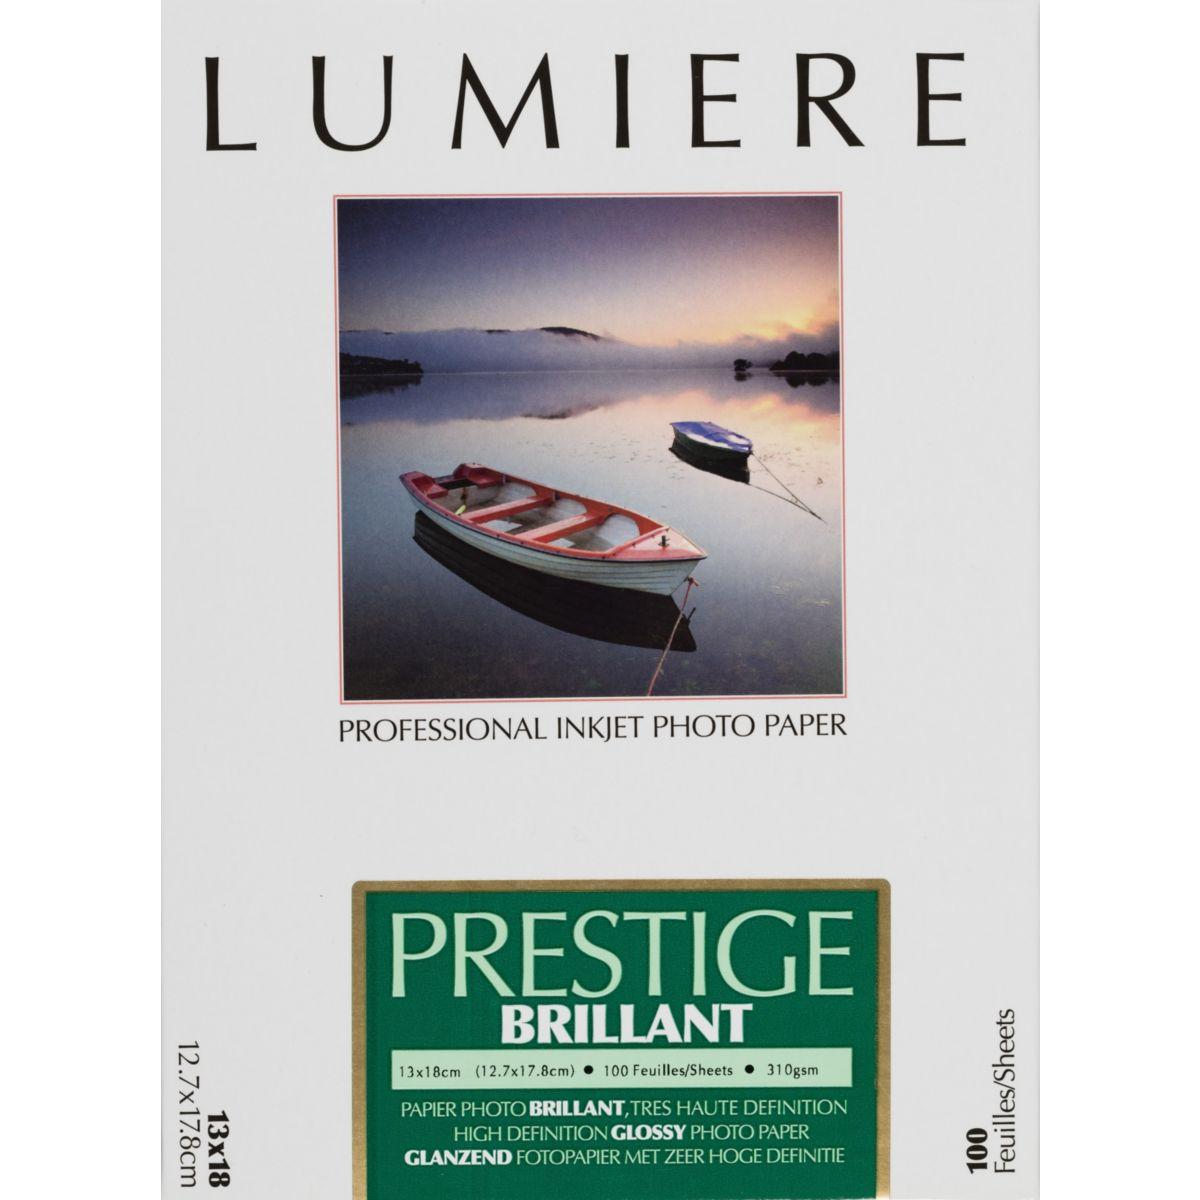 Papier photo LUMIERE Prestige Brillant 100f 12,7x17,8 310g